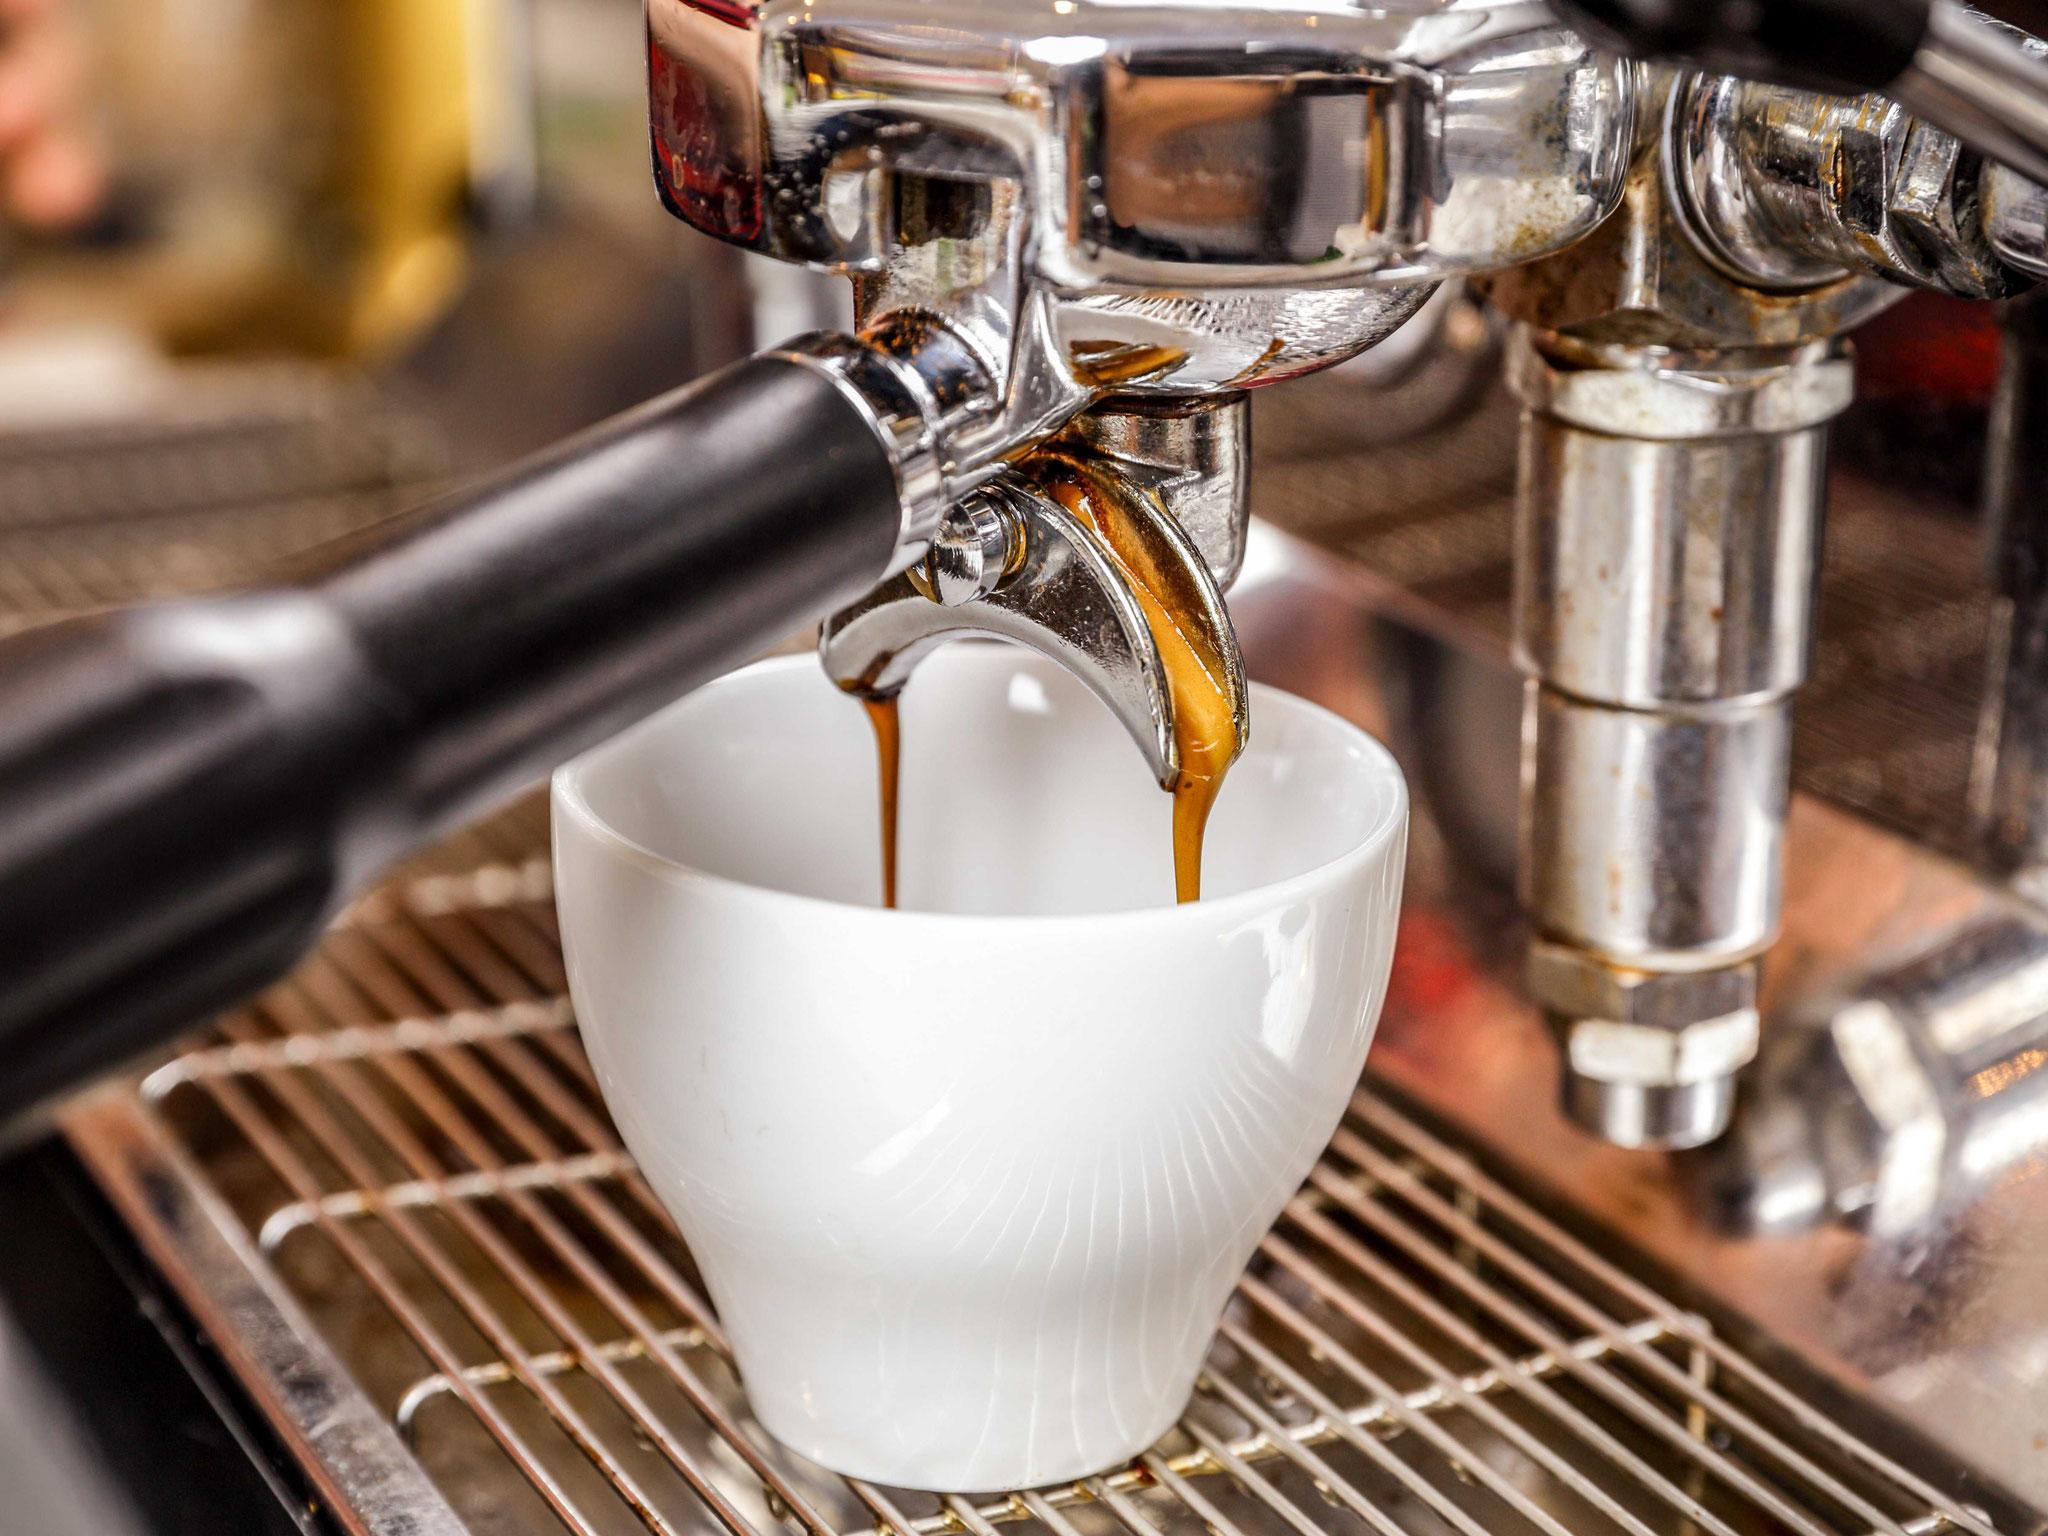 bester Lavazza-Kaffee